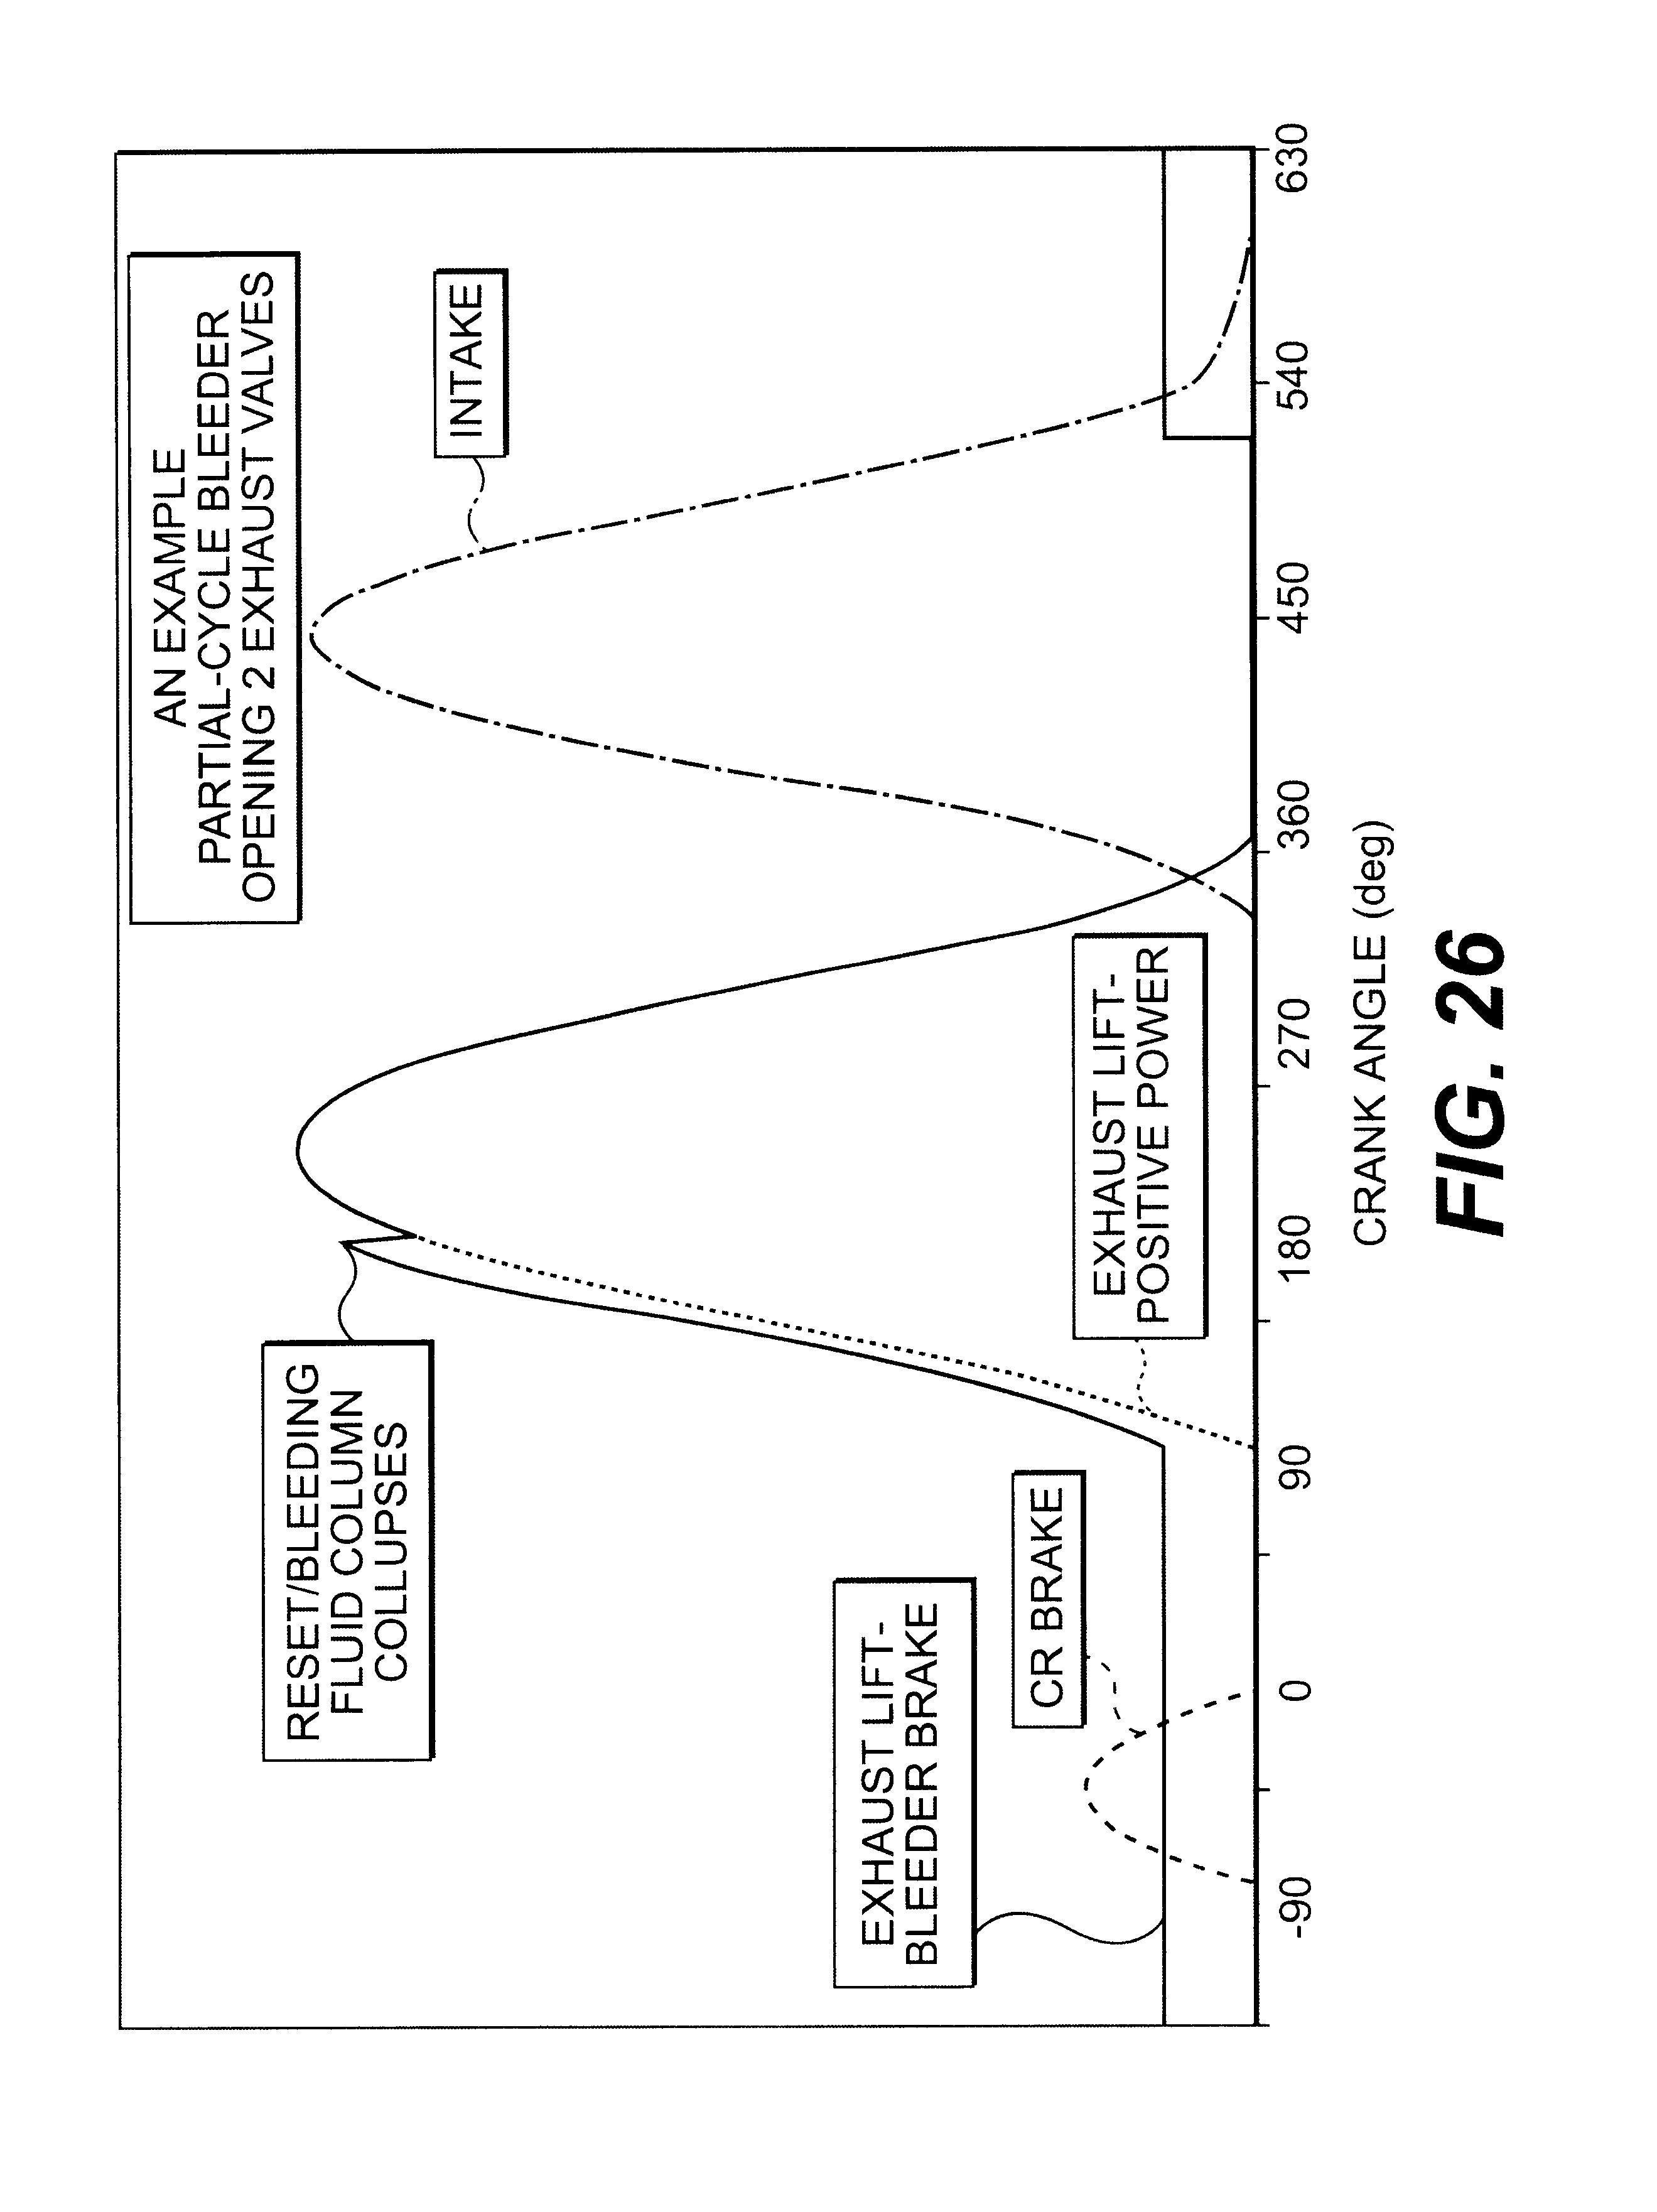 2007 isuzu npr heater wiring diagram wiring schematic diagram